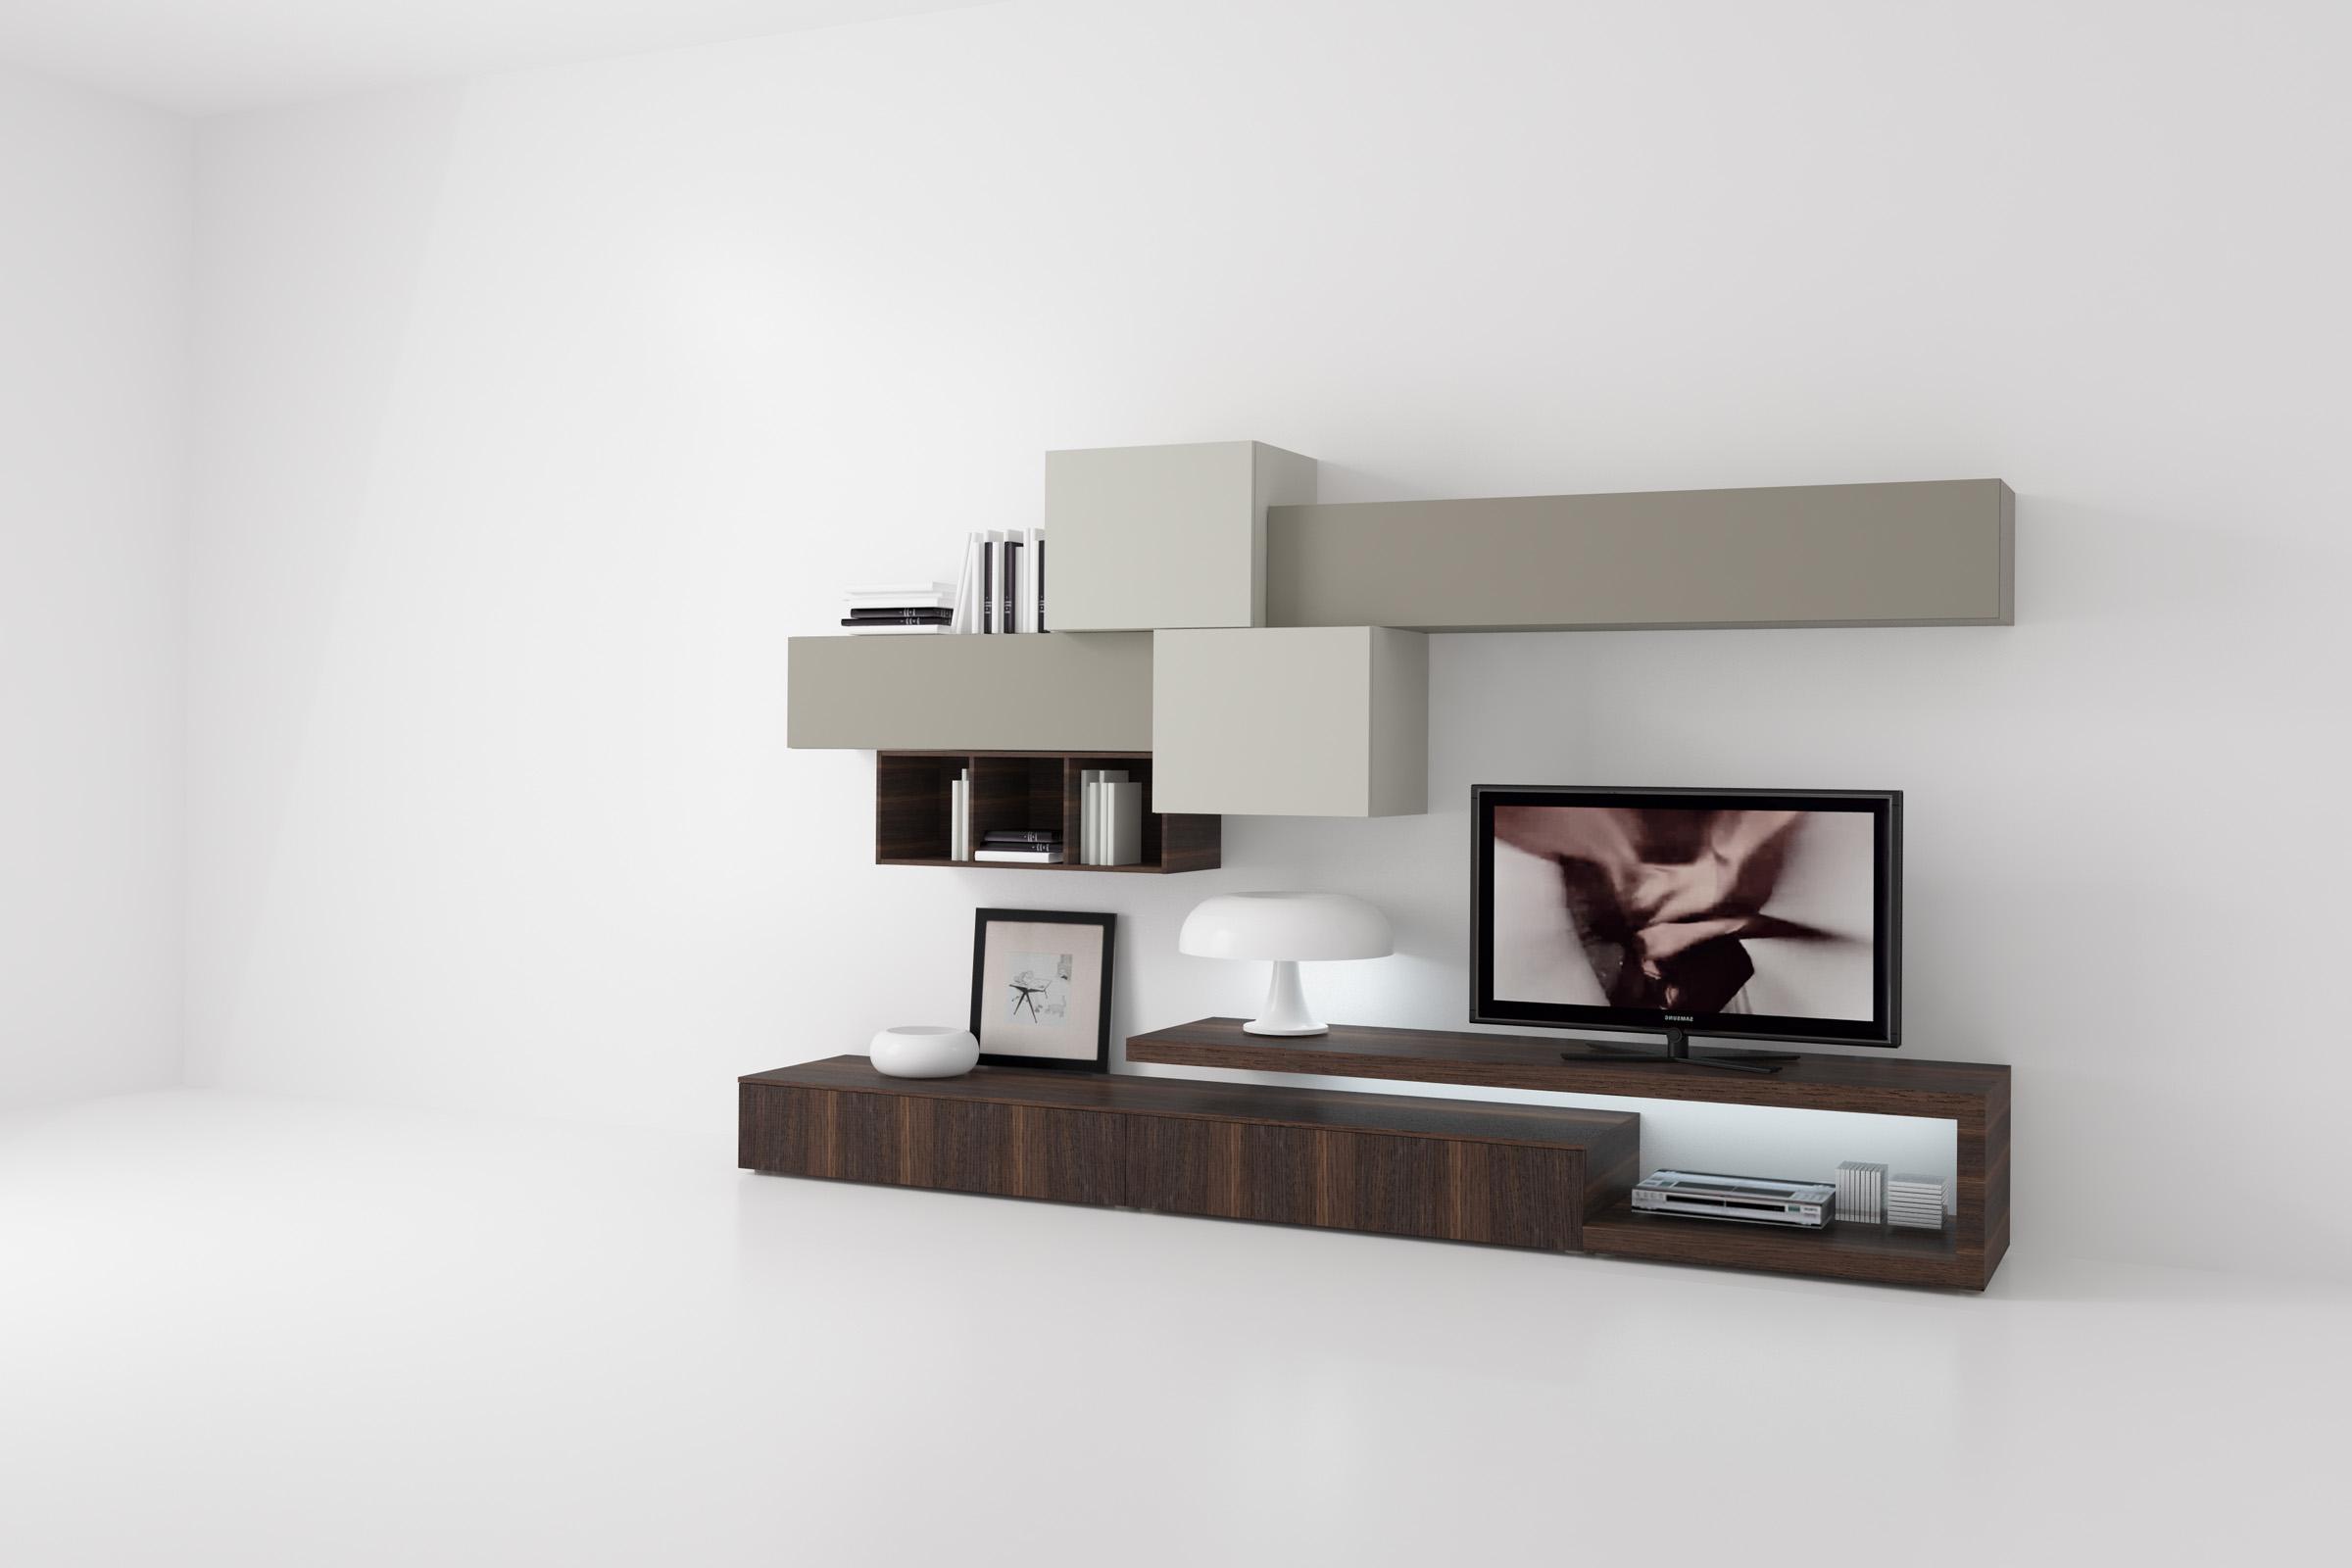 Soggiorno moderno componibile top lops disegno soggiorni for Immagini mobili moderni